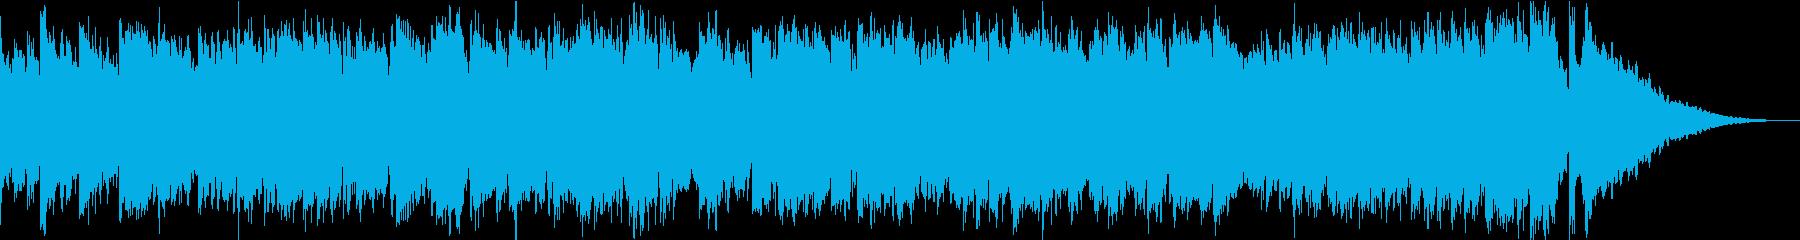 ビブラフォンによるメロウなワルツの再生済みの波形